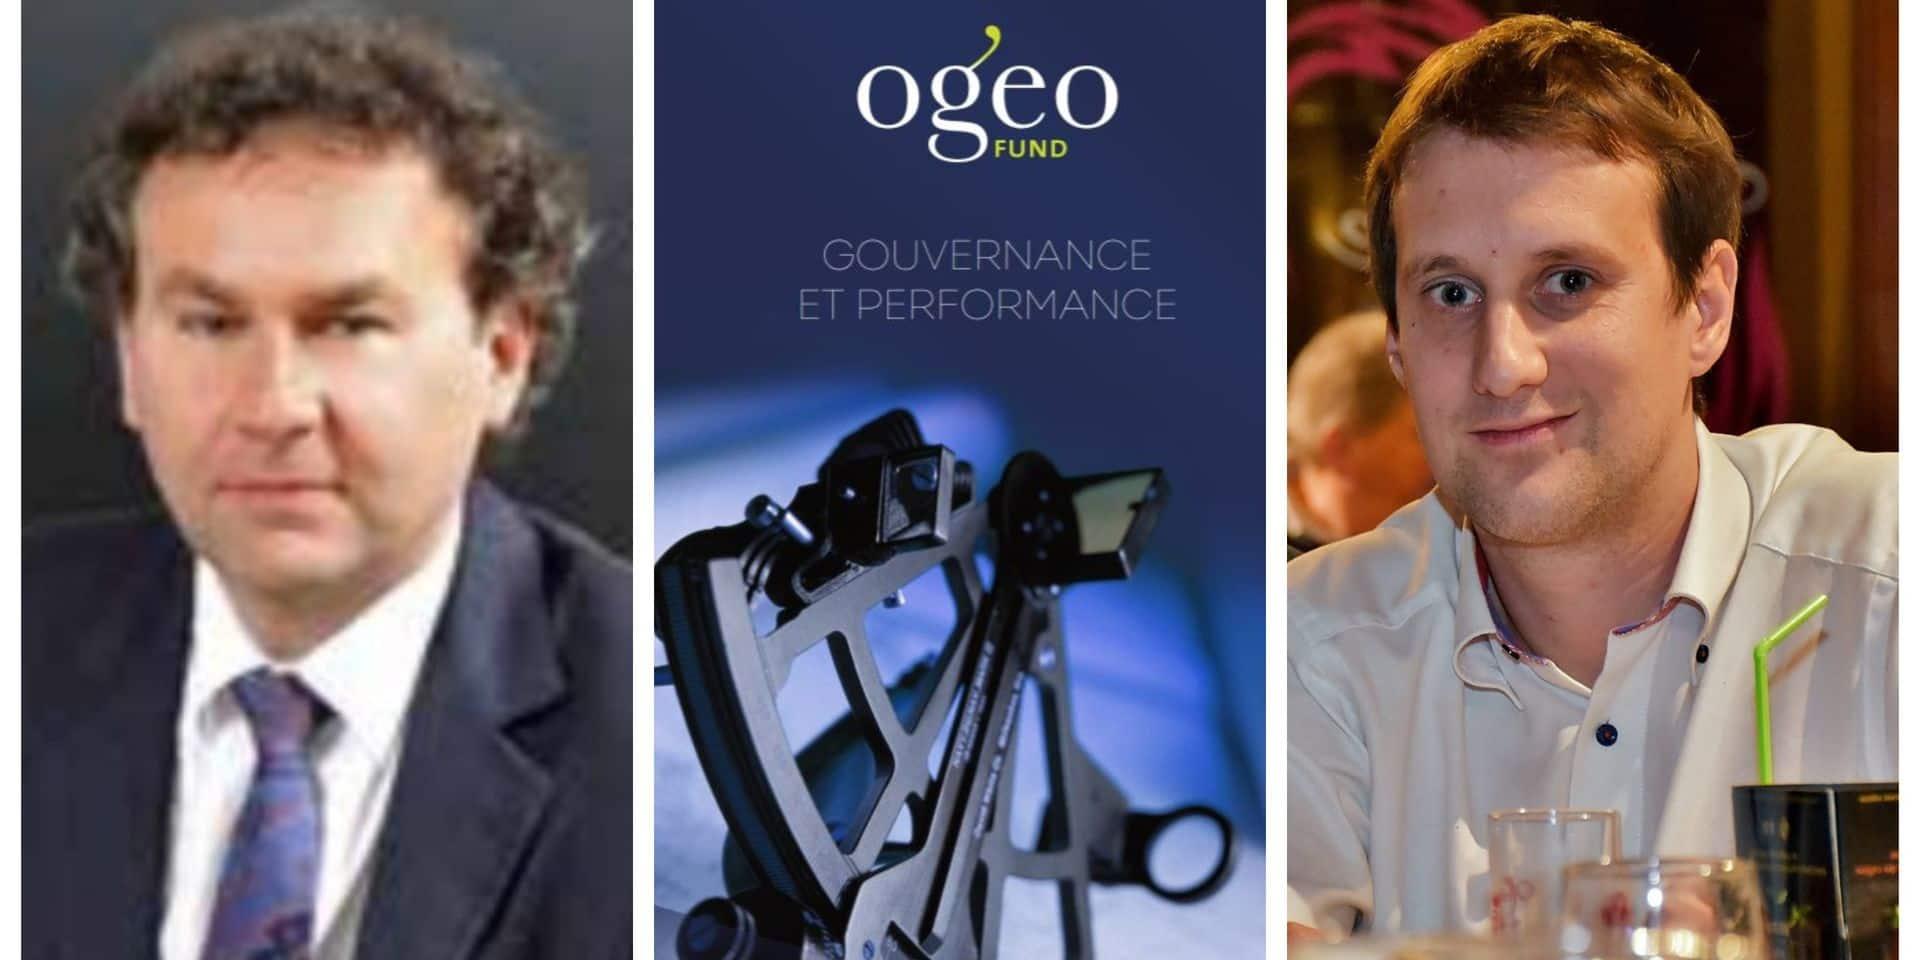 """Double licenciement chez Ogeo Fund: deux proches de Stéphane Moreau prennent la porte pour """"déficit constant dans la bonne gouvernance"""""""